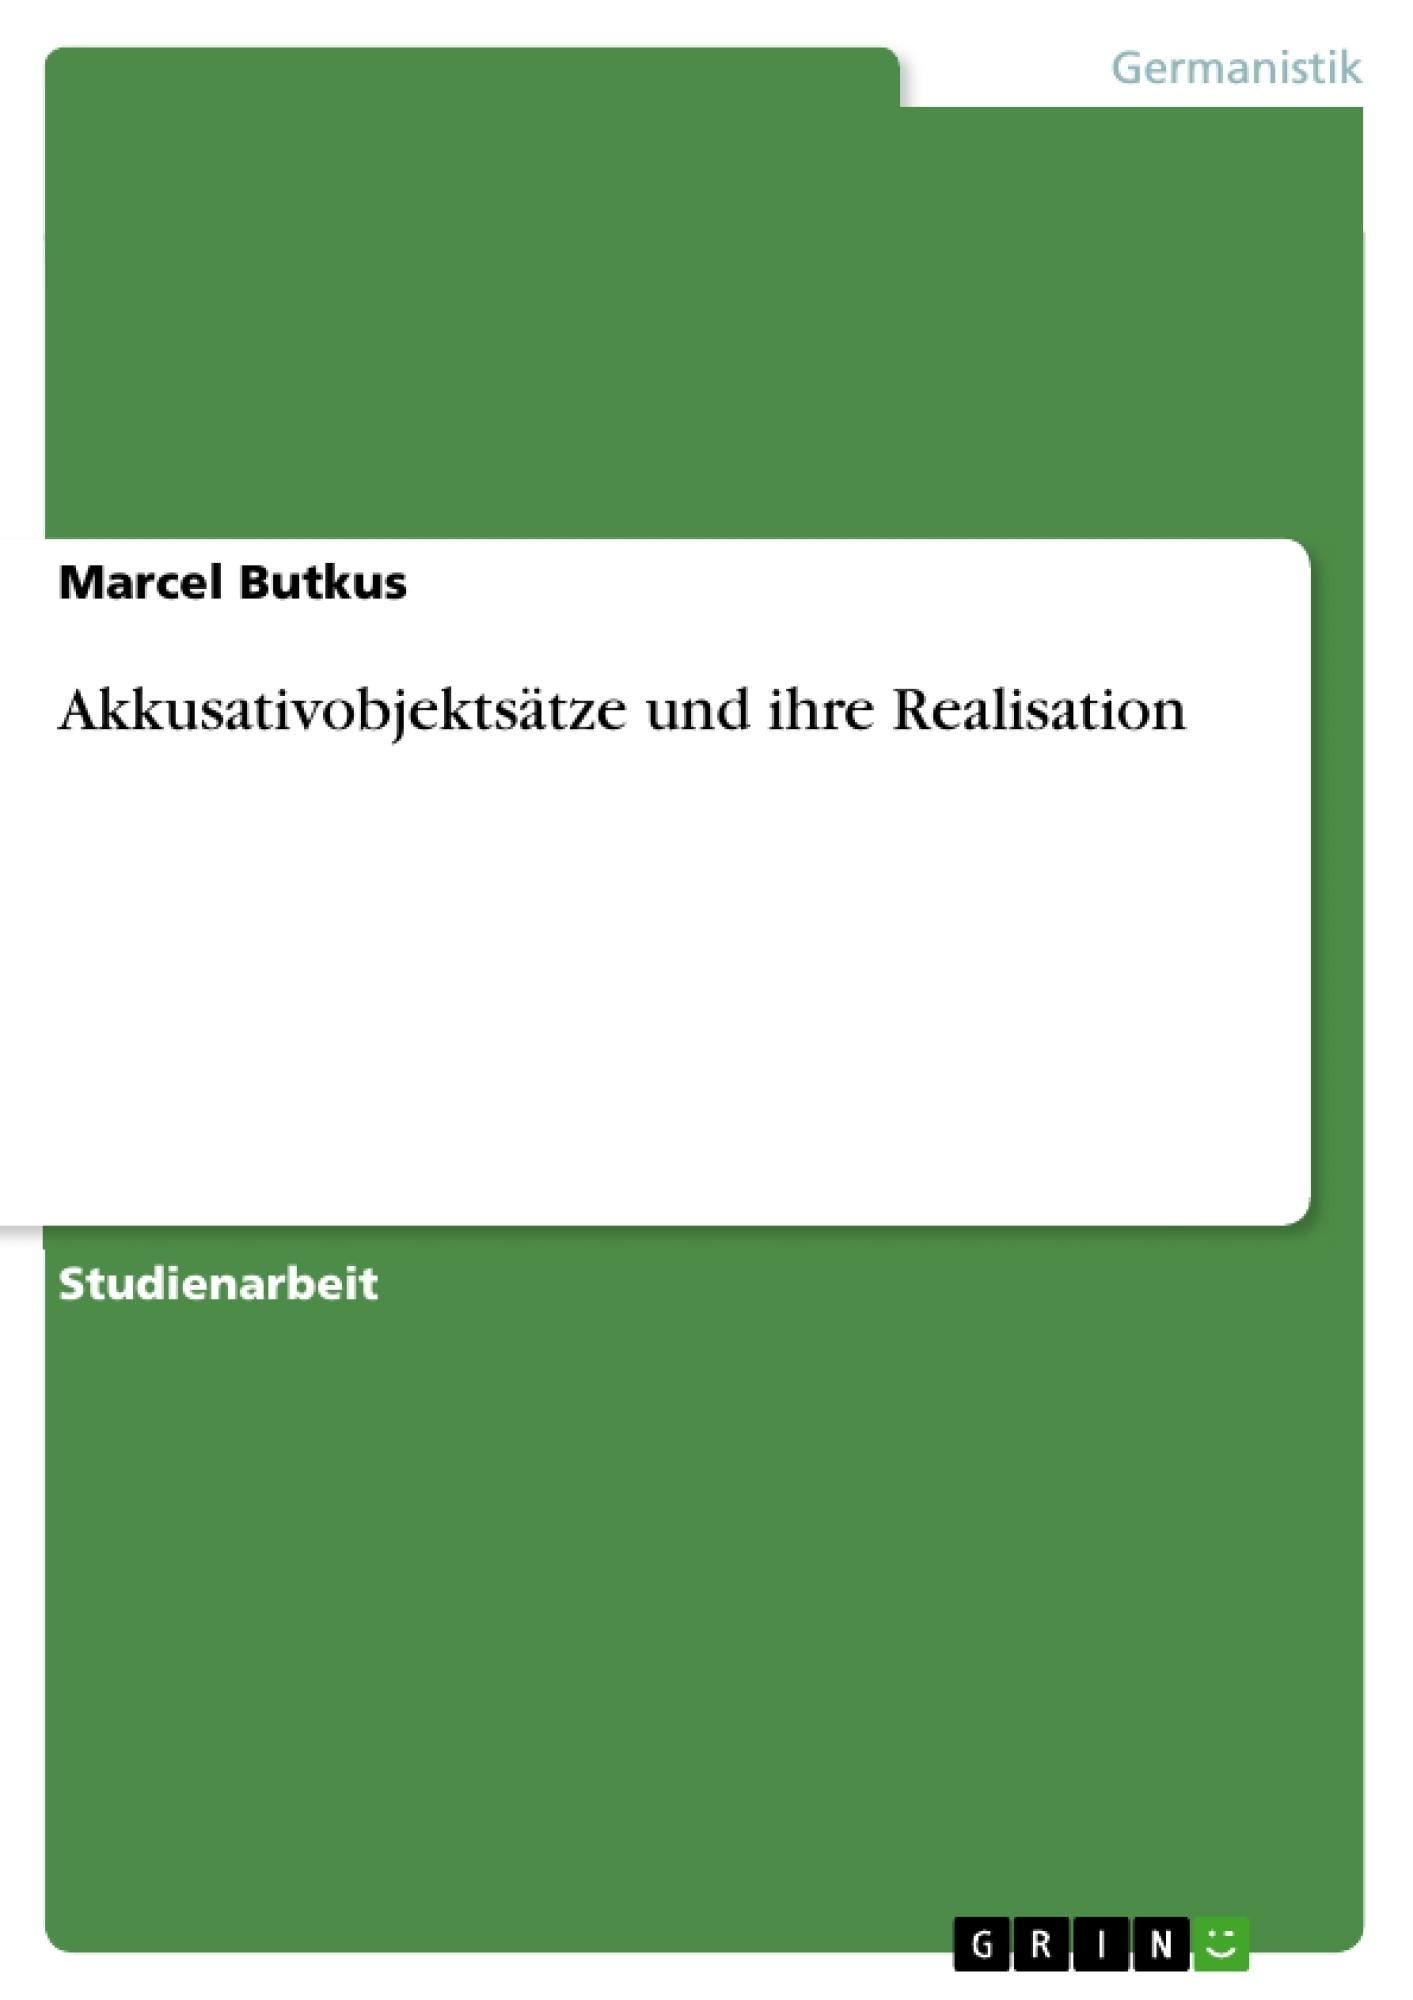 Titel: Akkusativobjektsätze und ihre Realisation